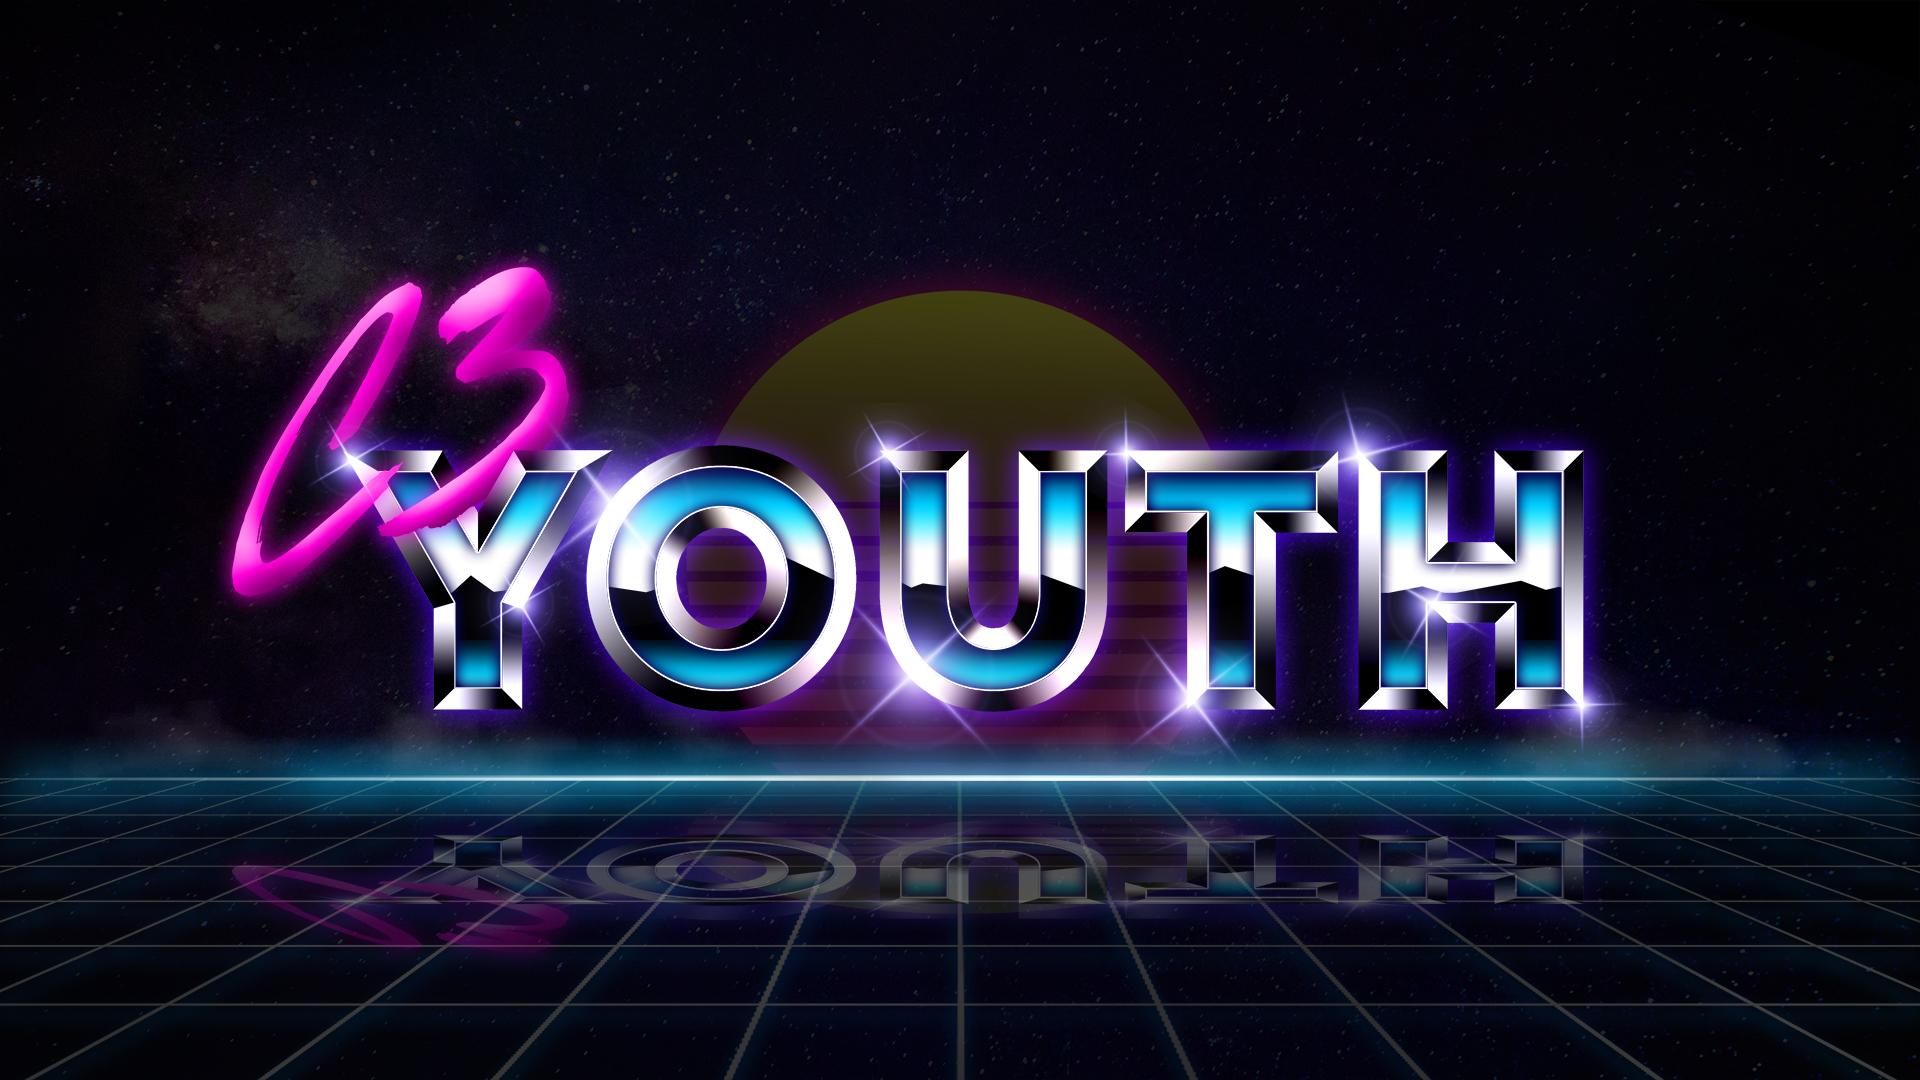 C3 Youth Logo 2019 HD.jpg